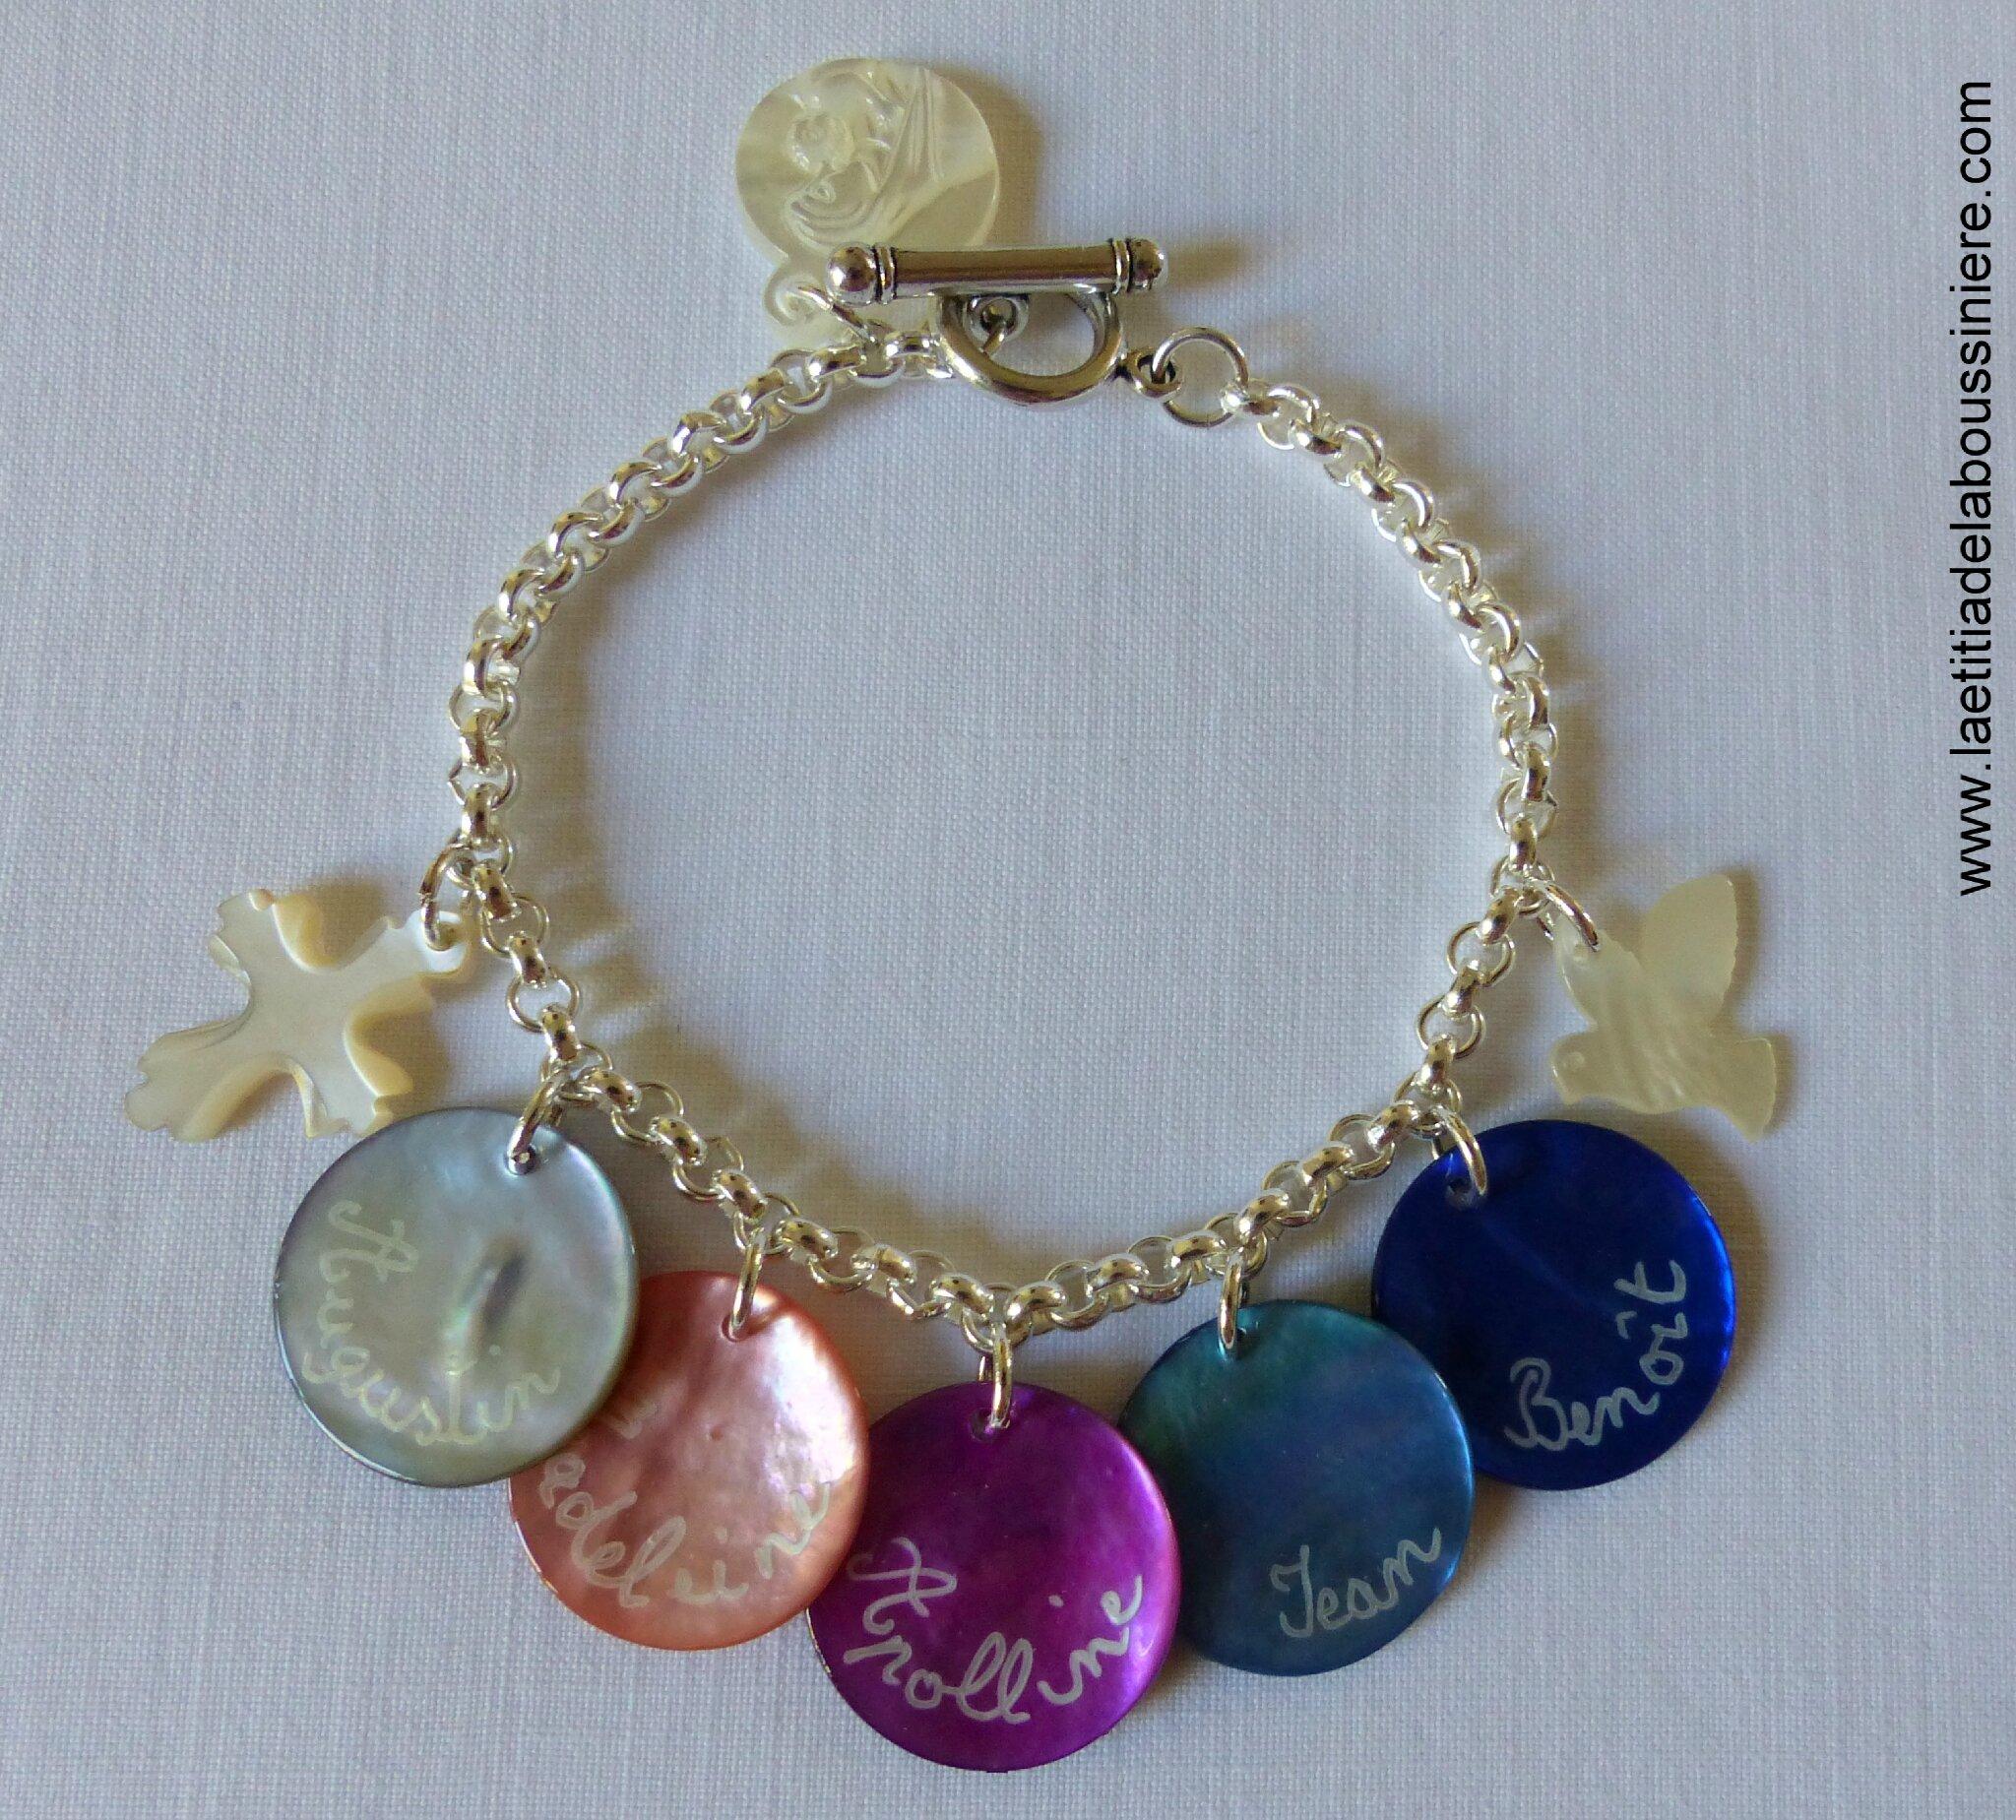 Bracelet sur chaîne ronde en métal composé de médailles en nacre gravées et de breloques en nacre